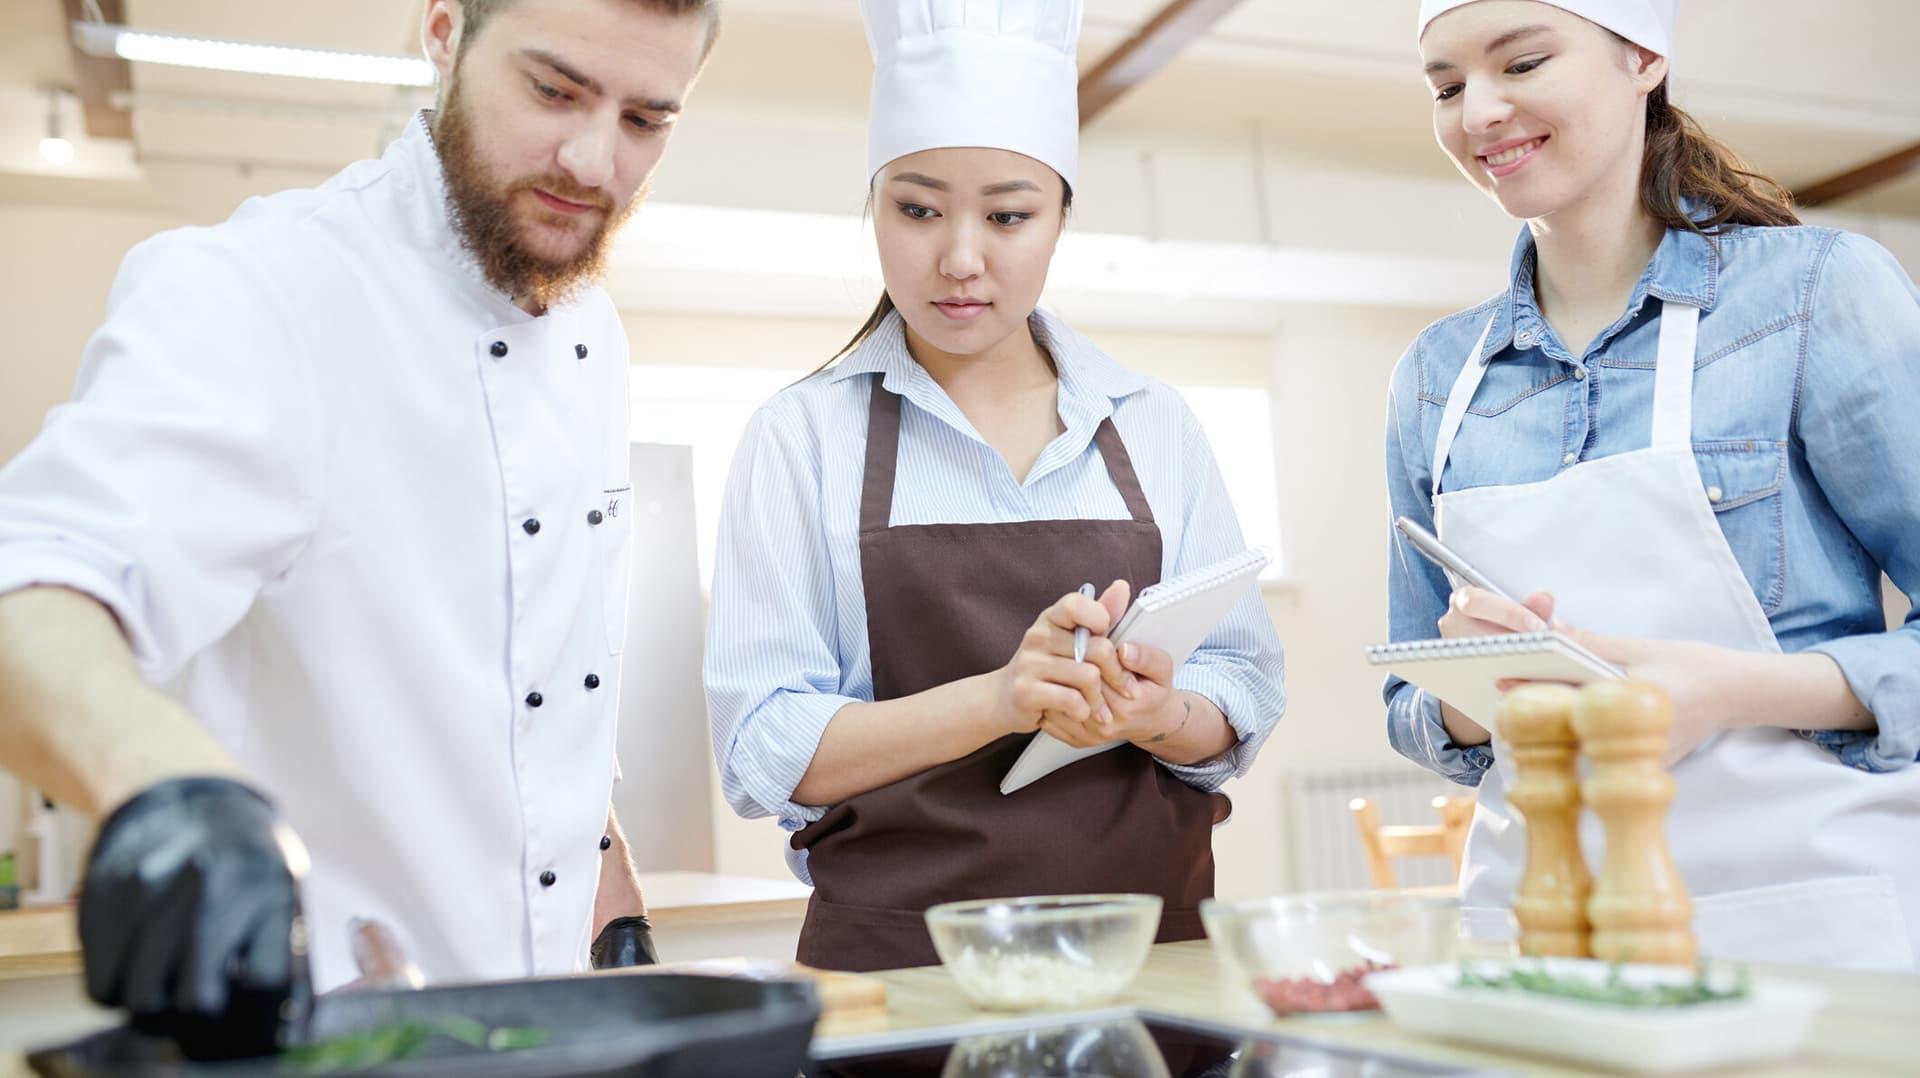 Drei Personen in einer Küche